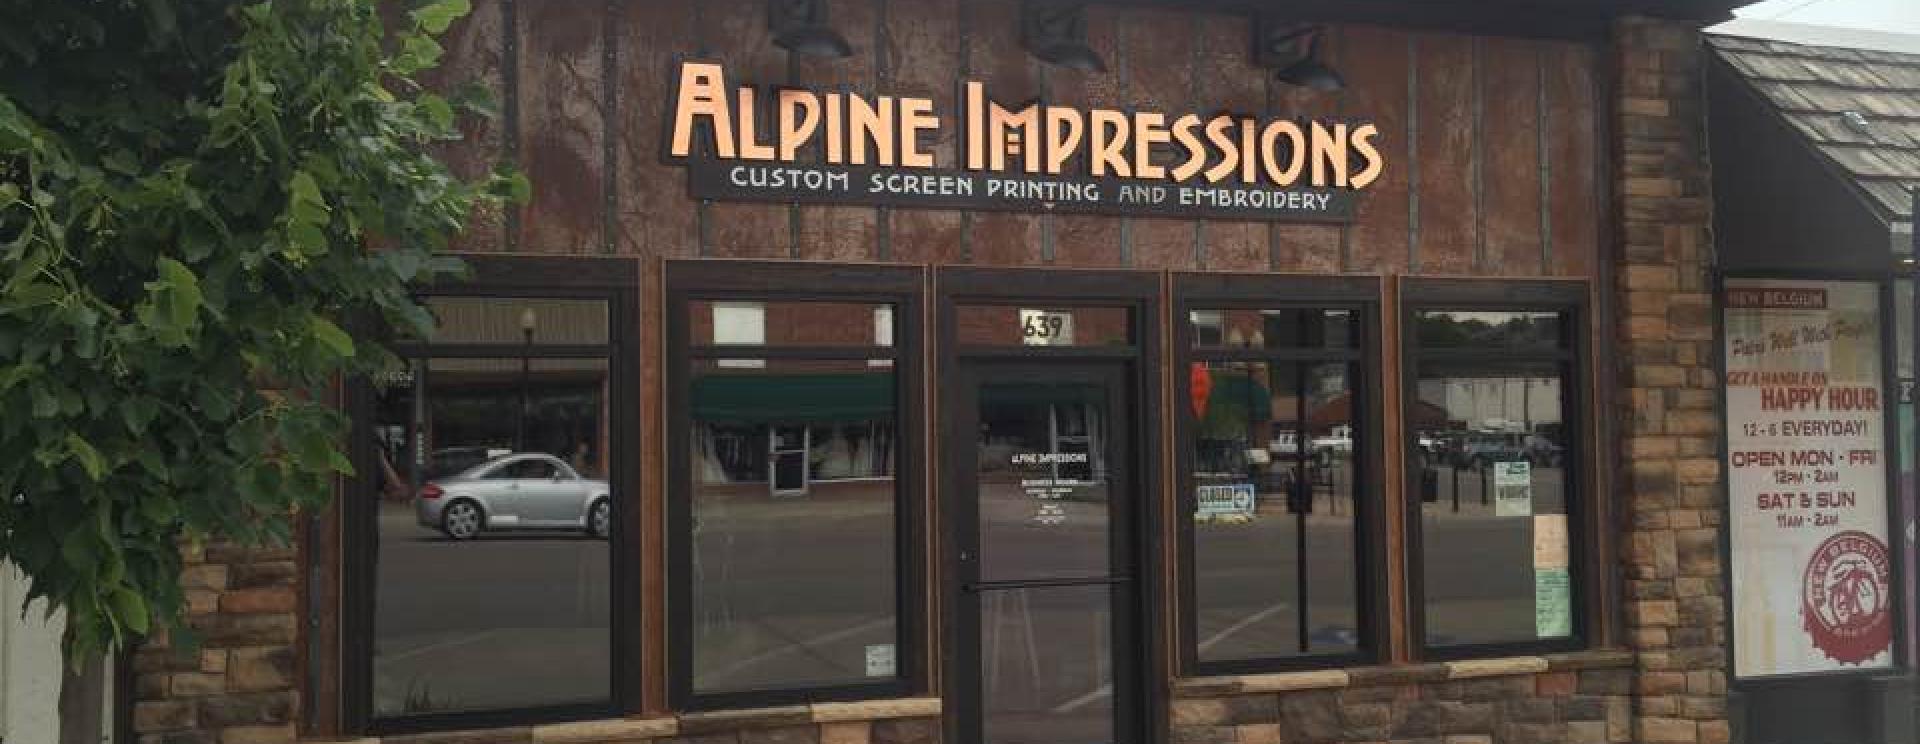 Alpine Impressions